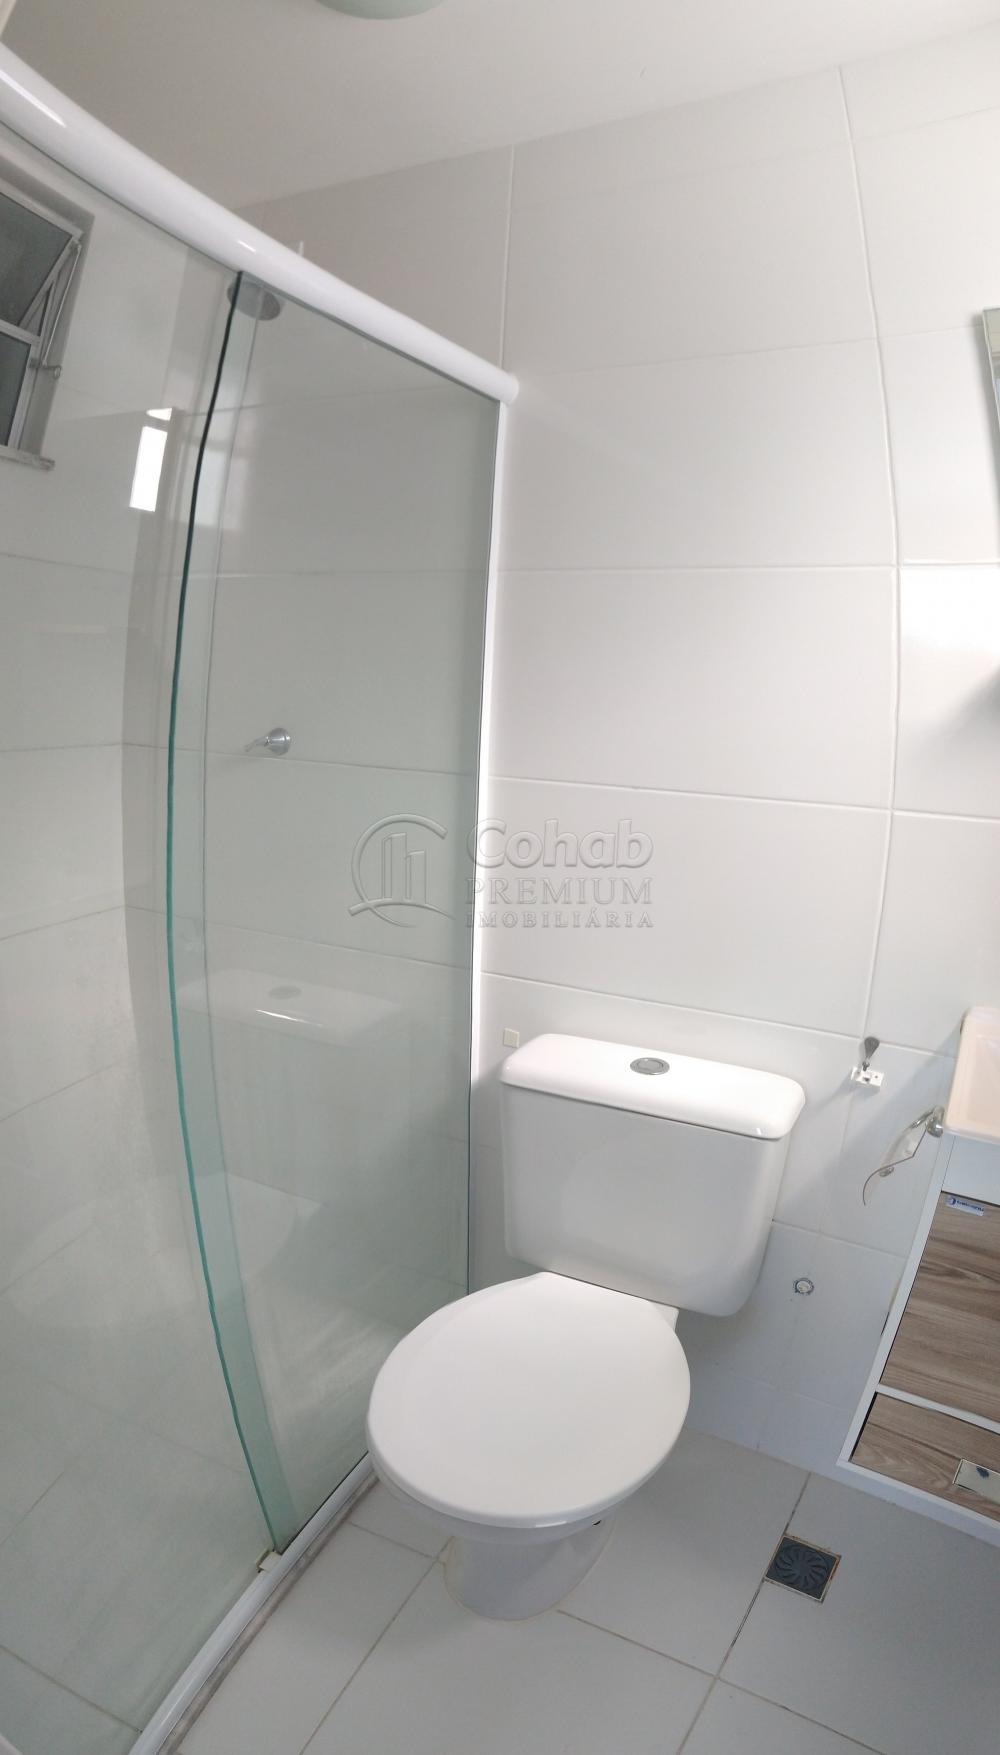 Alugar Apartamento / Padrão em Aracaju apenas R$ 450,00 - Foto 10